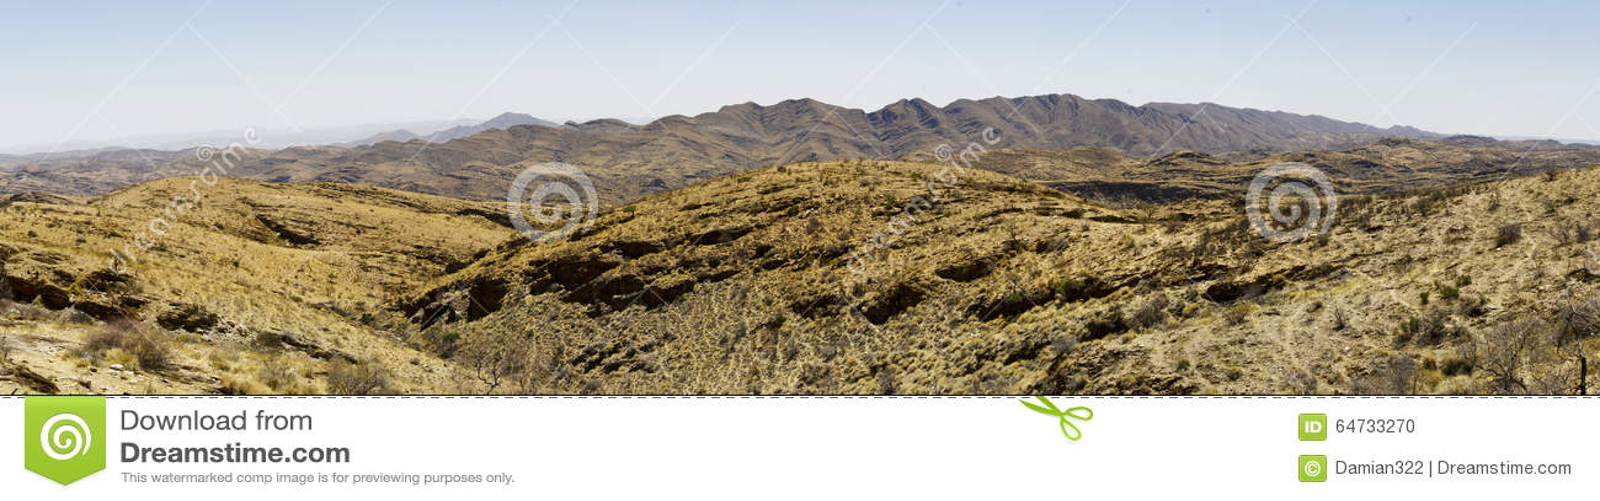 Goanikontes è situato in un paesaggio del tipo di lunare, nel Namib